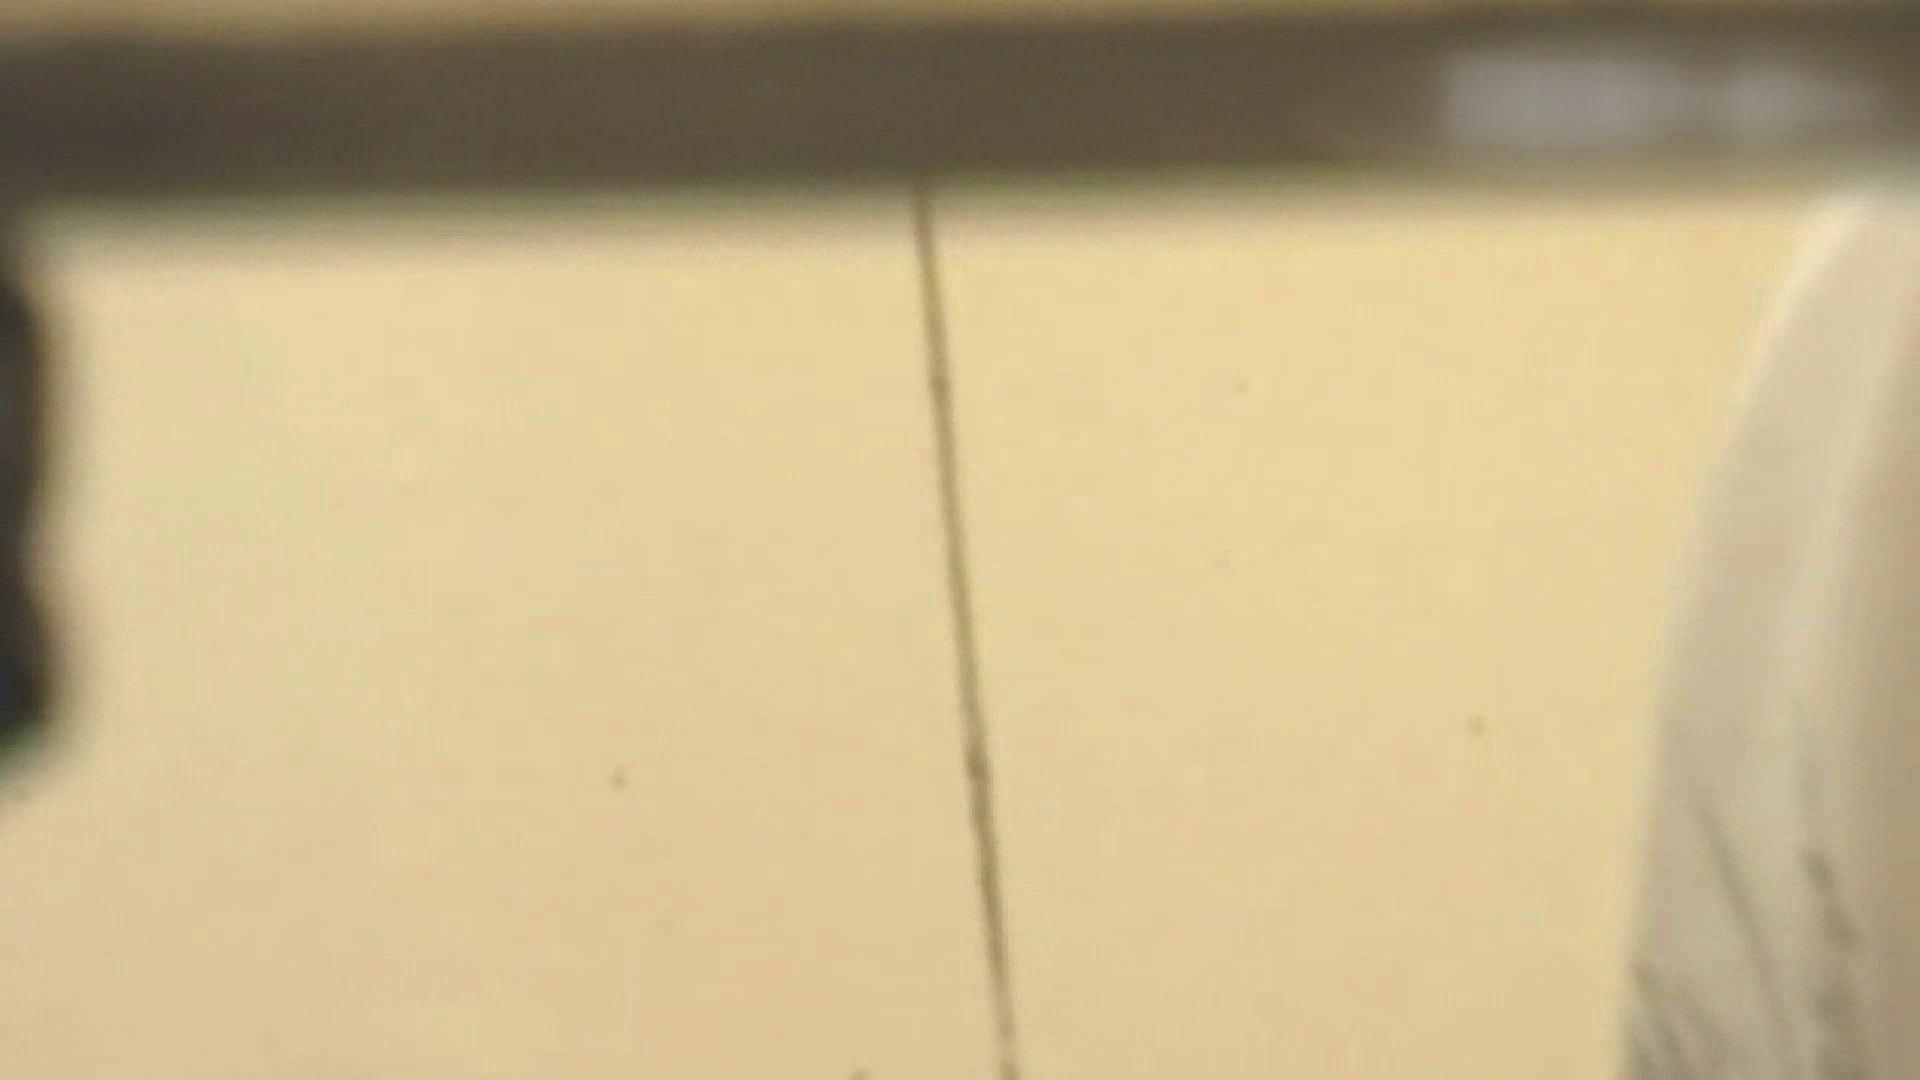 ロックハンドさんの盗撮記録File.23 マンコエロすぎ SEX無修正画像 108PIX 35